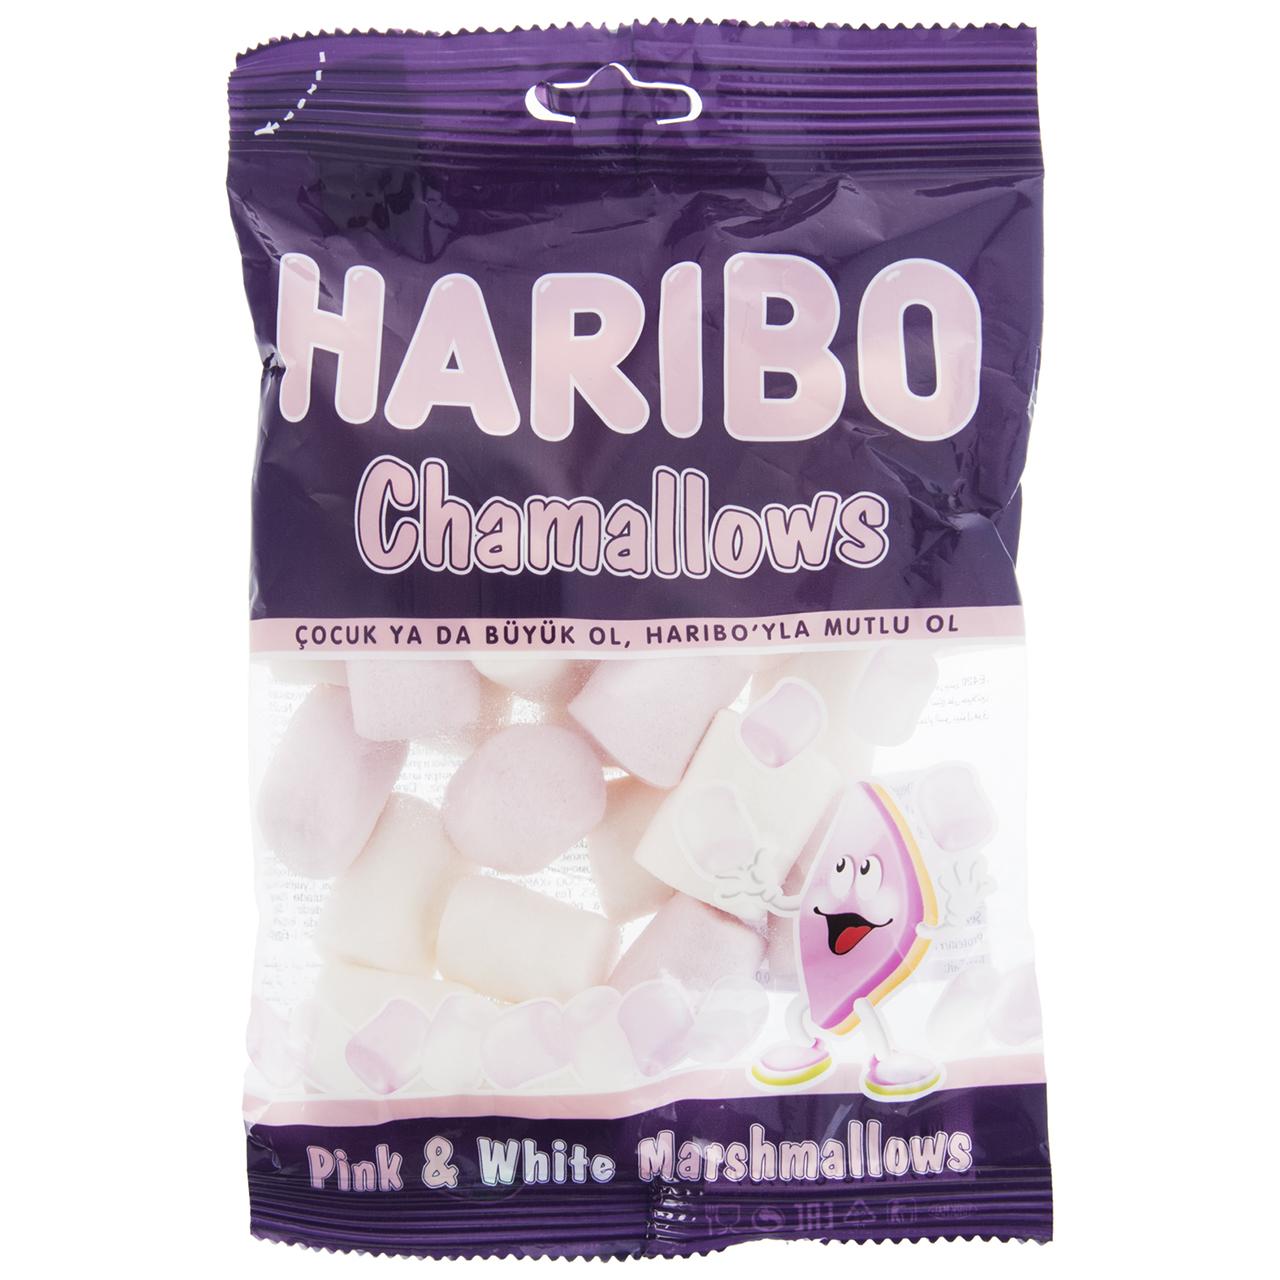 تصویر مارشمالو هاریبو مدل Chamallows مقدار 150 گرم Haribo Chamallows Marshmallows 150gr